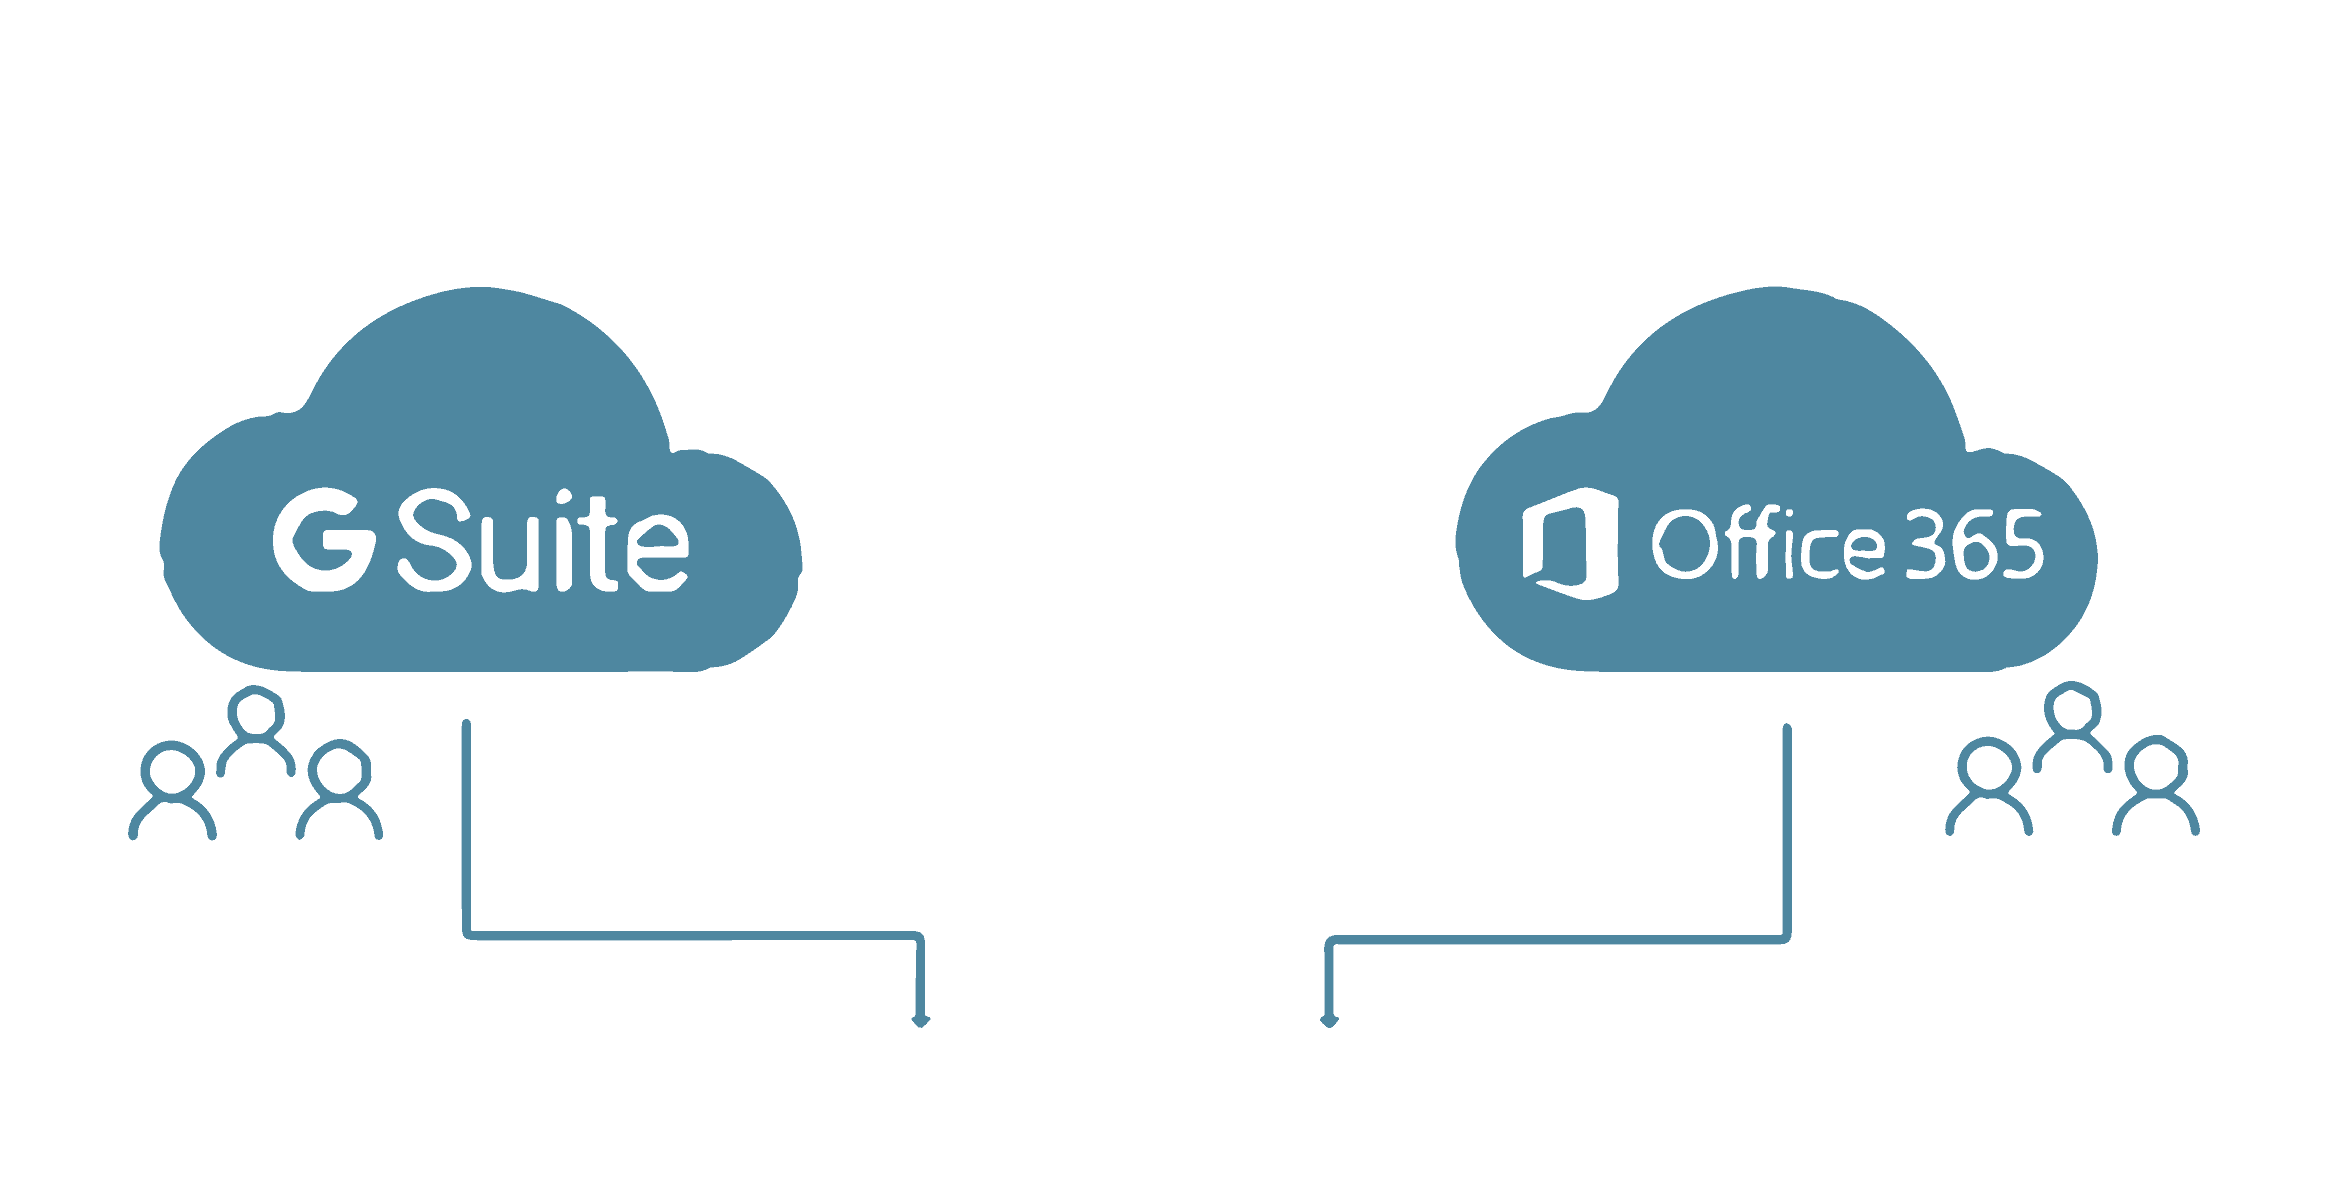 App-driven architecture